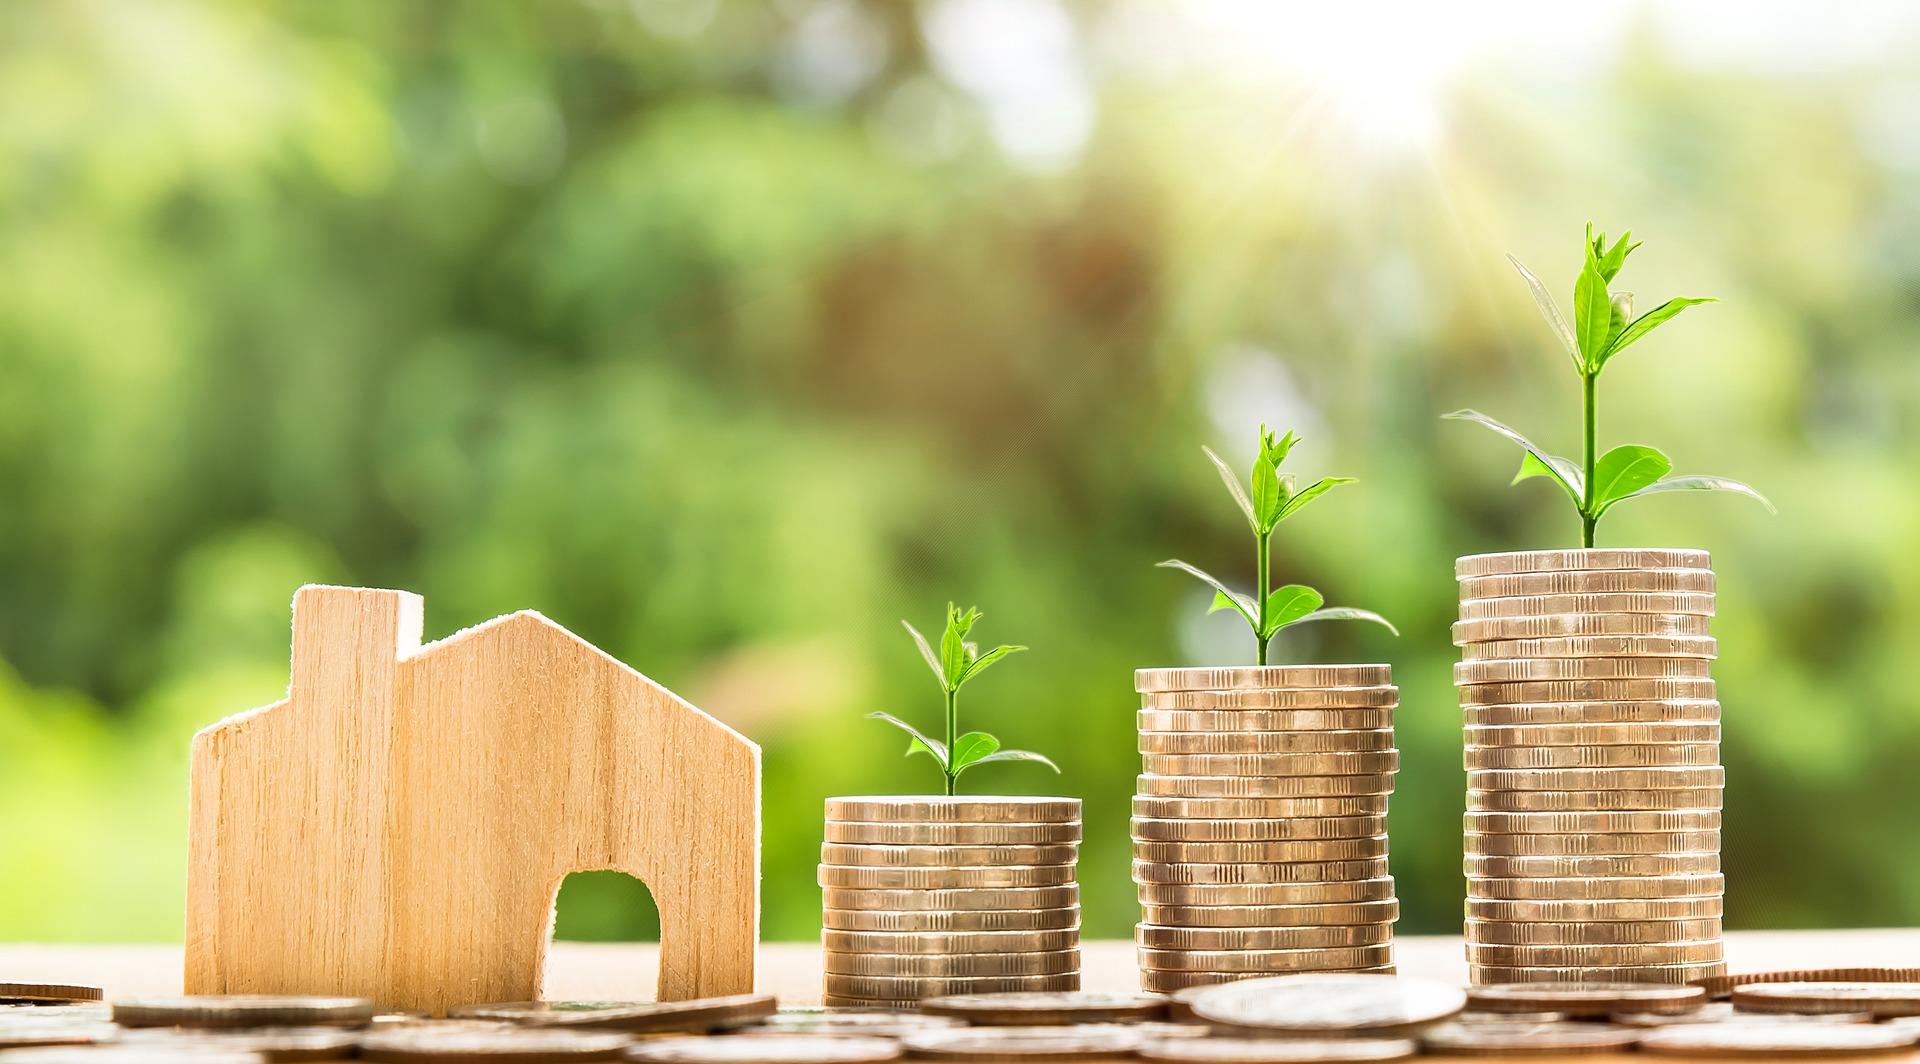 Mutui per i giovani: ecco come ottenerli